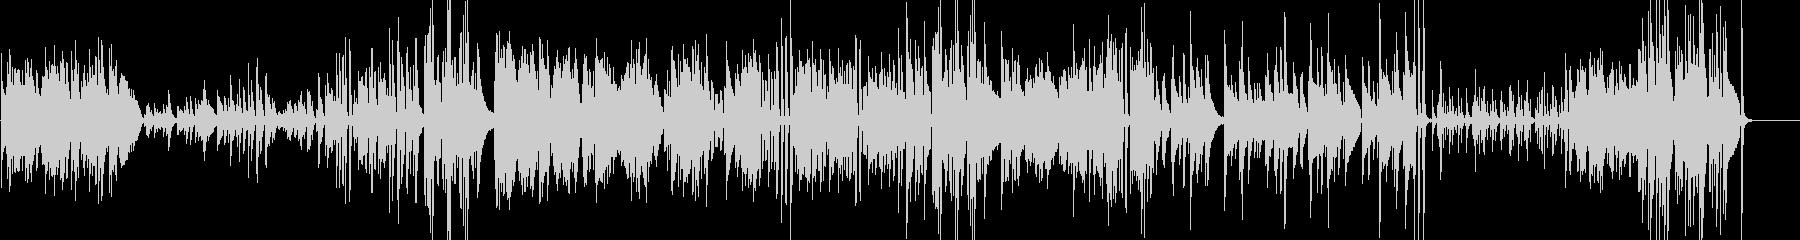 エンディングに合うピアノソロの未再生の波形